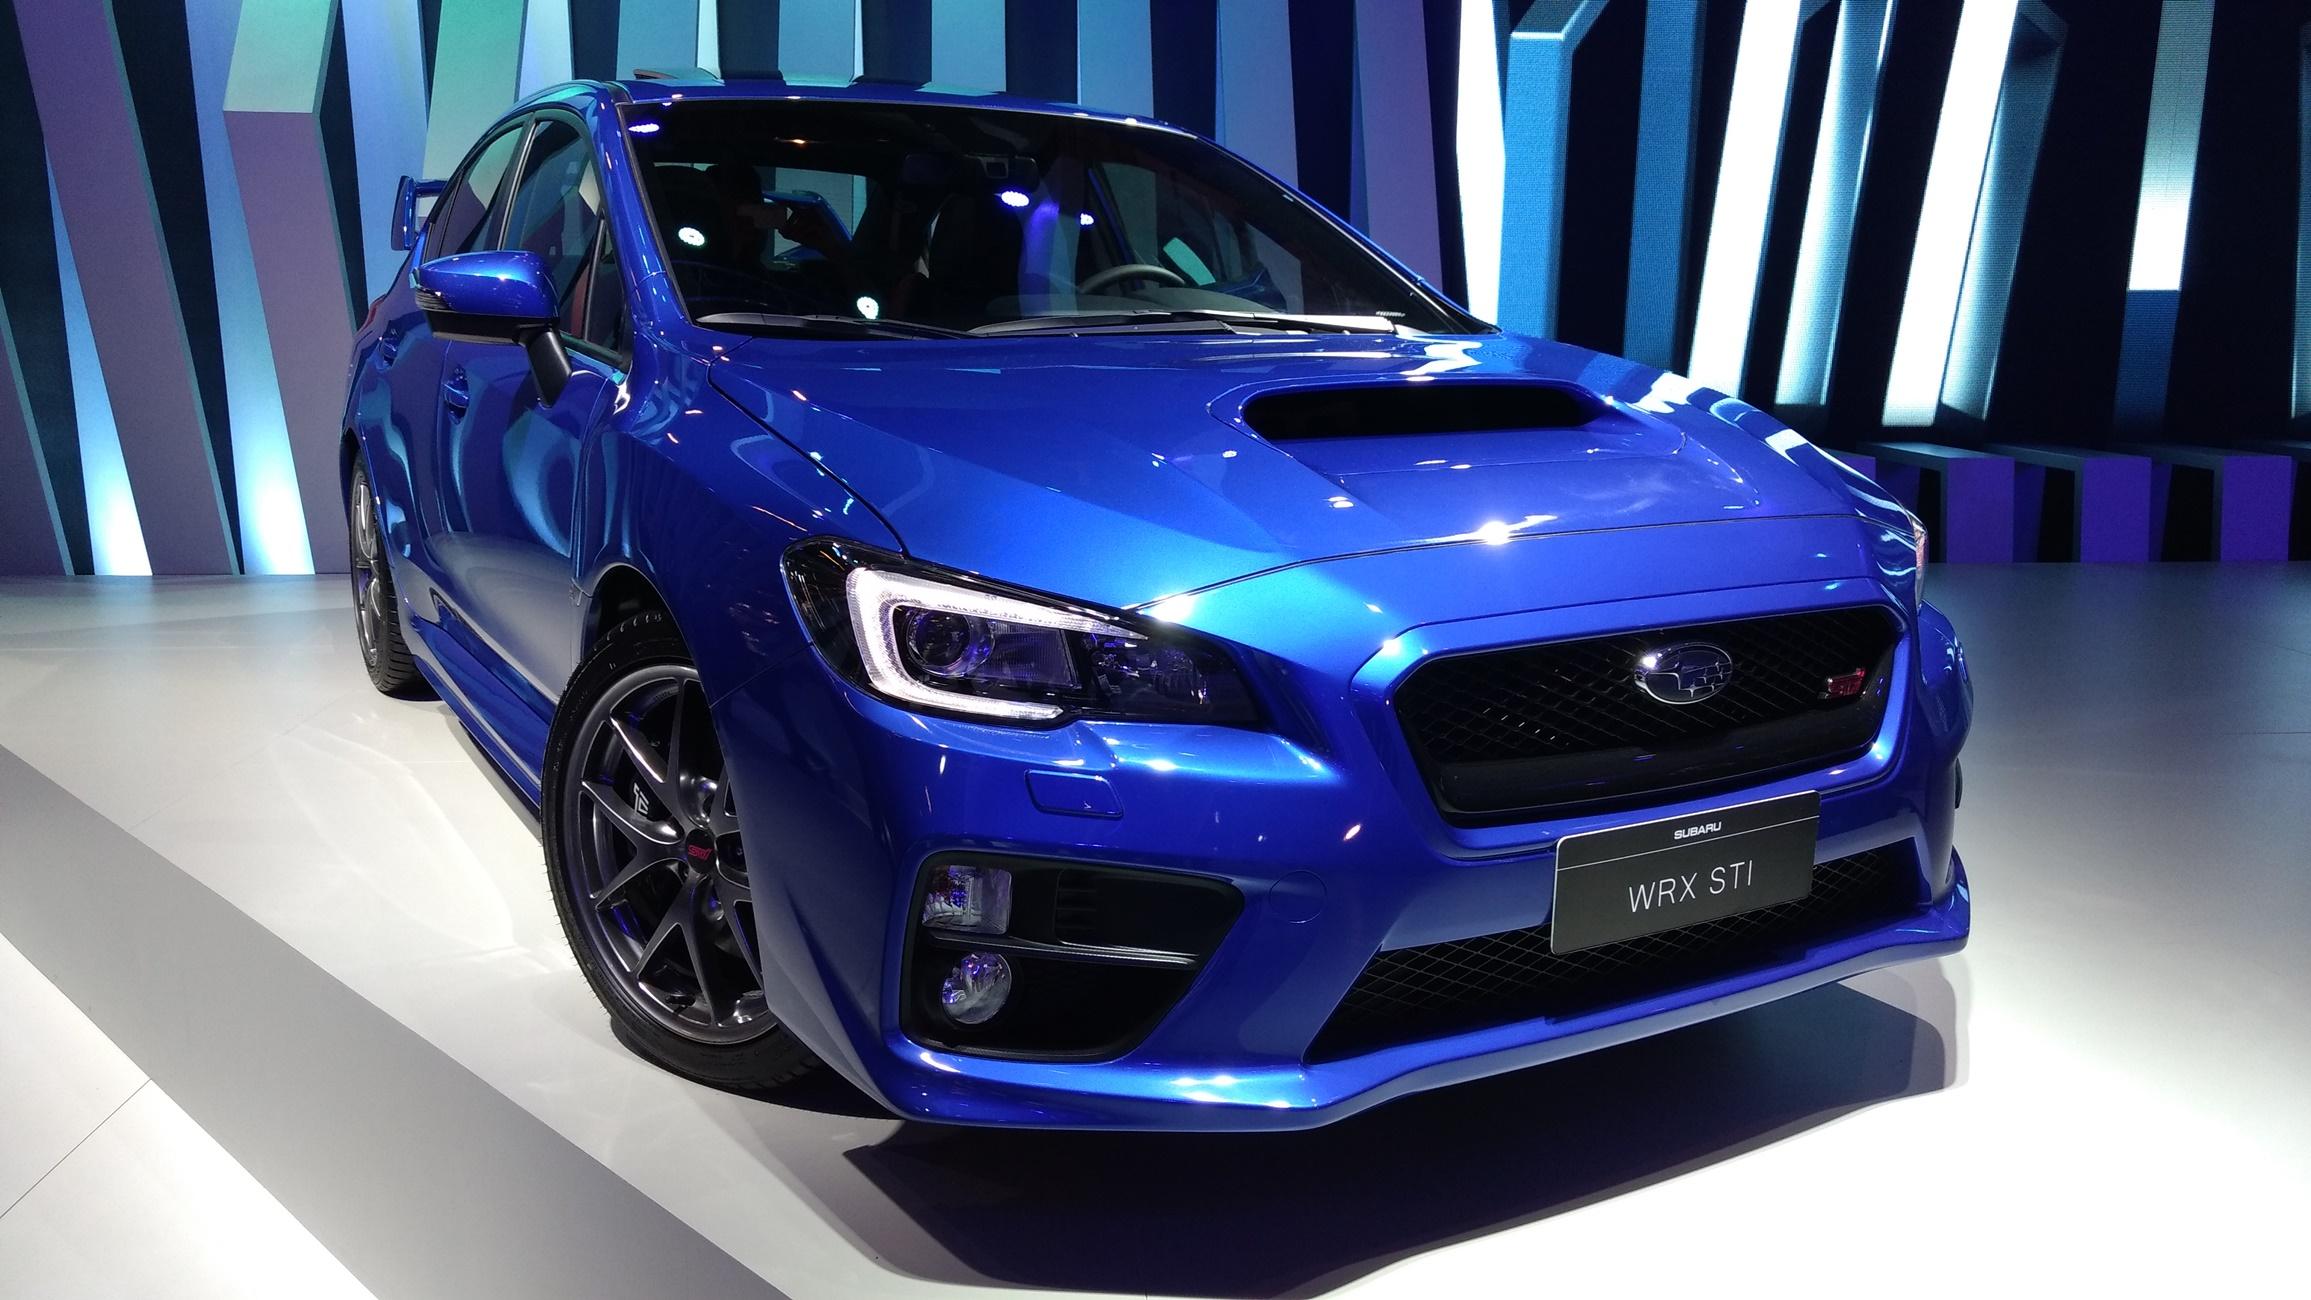 Imagem de Tímida, Subaru apresenta modelos já conhecidos com cara nova no tecmundo